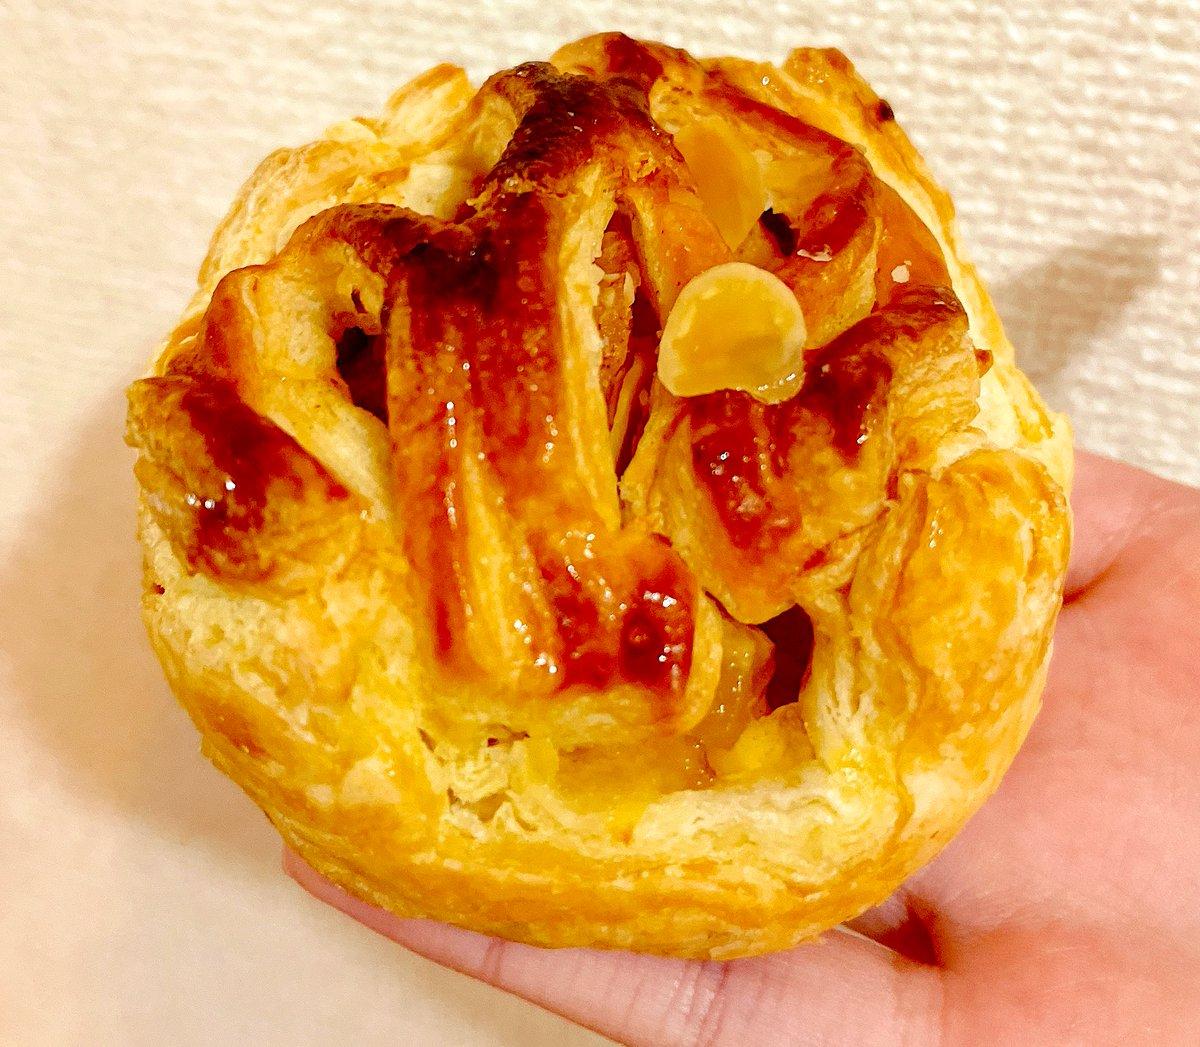 test ツイッターメディア - ローソン「陽まるアップルパイ」(税込270円、268kcal) ボール型風キュートなアップルパイ🍎お味はまさに王道…シナモンの効いた林檎は大ぶりで◎カスタードは甘さ控えめで相性抜群。ホームメイドっぽい小麦が香ばしいパイ生地はデニッシュほど脂っぽくなく、素朴な味。#ローソン #コンビニスイーツ https://t.co/1vbAq256gg